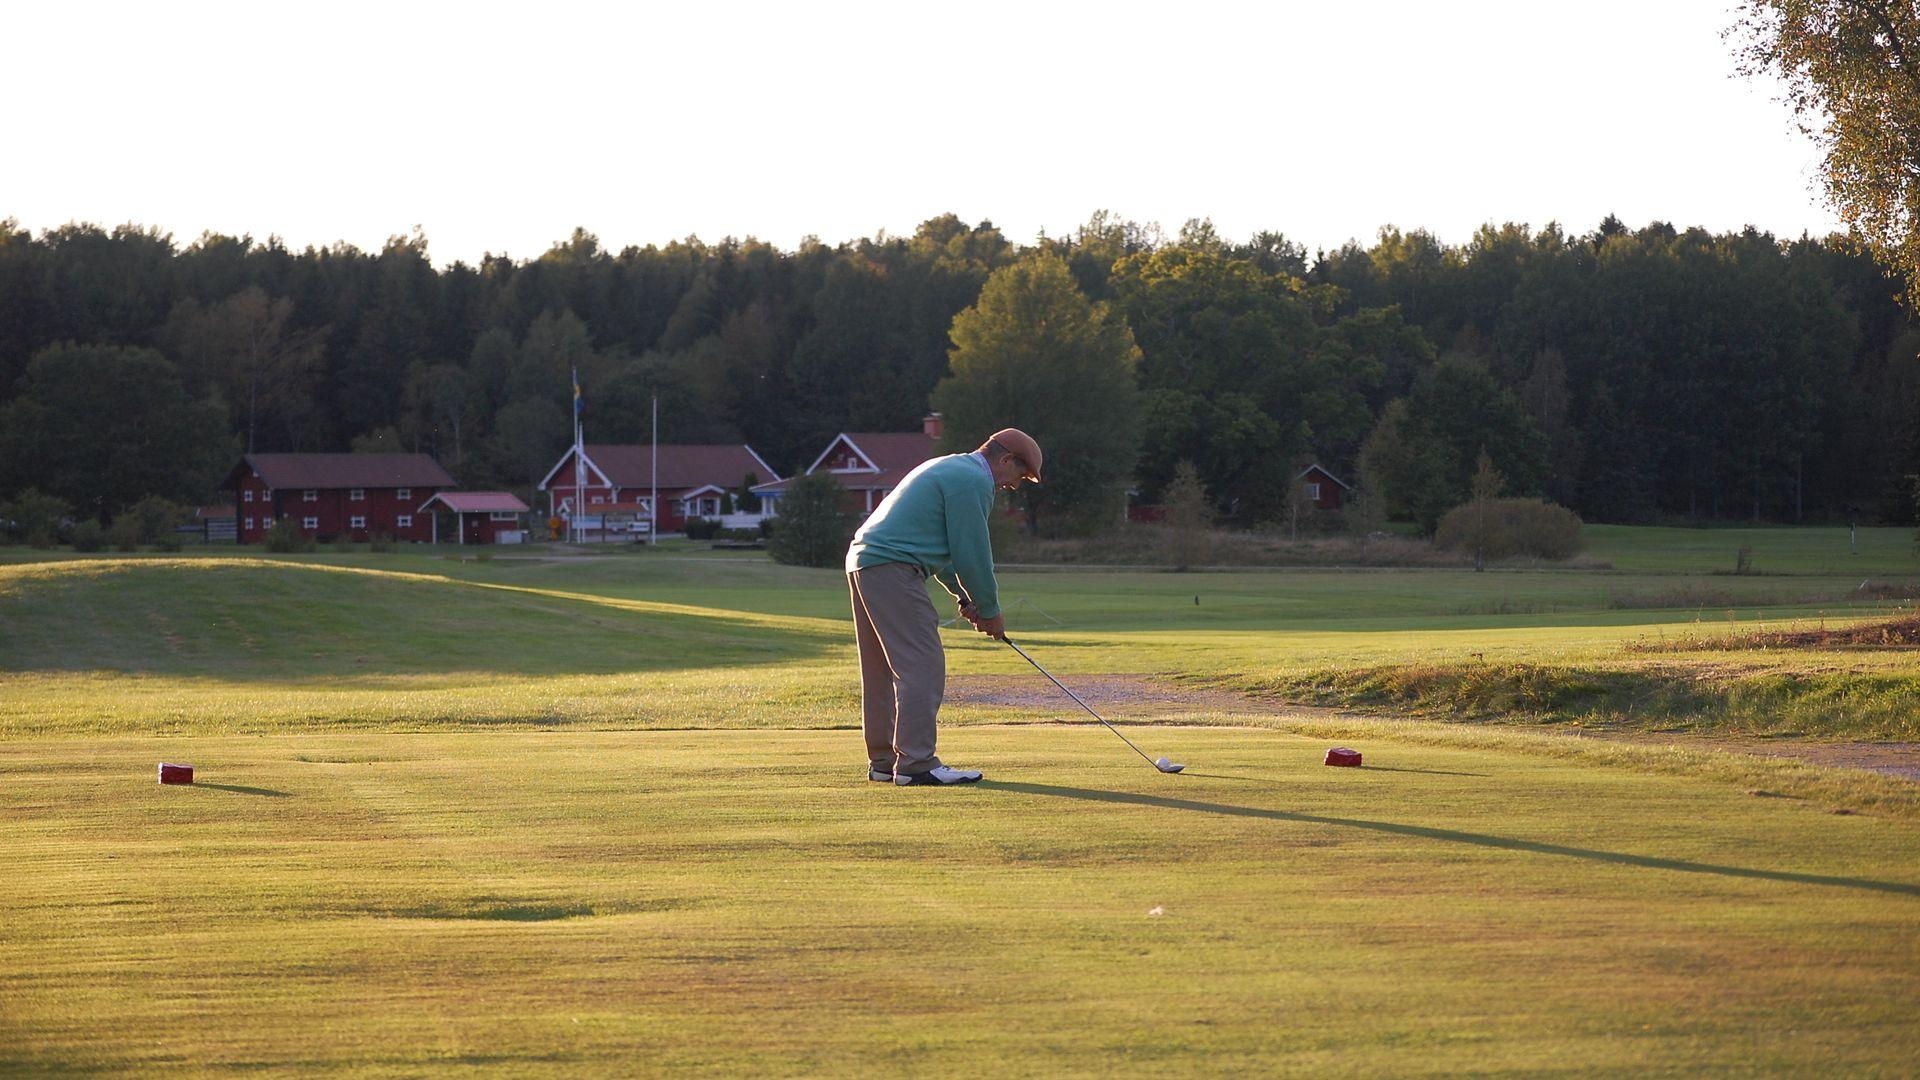 En man spelar golf. Fotograf: Arboga kommun pressbild